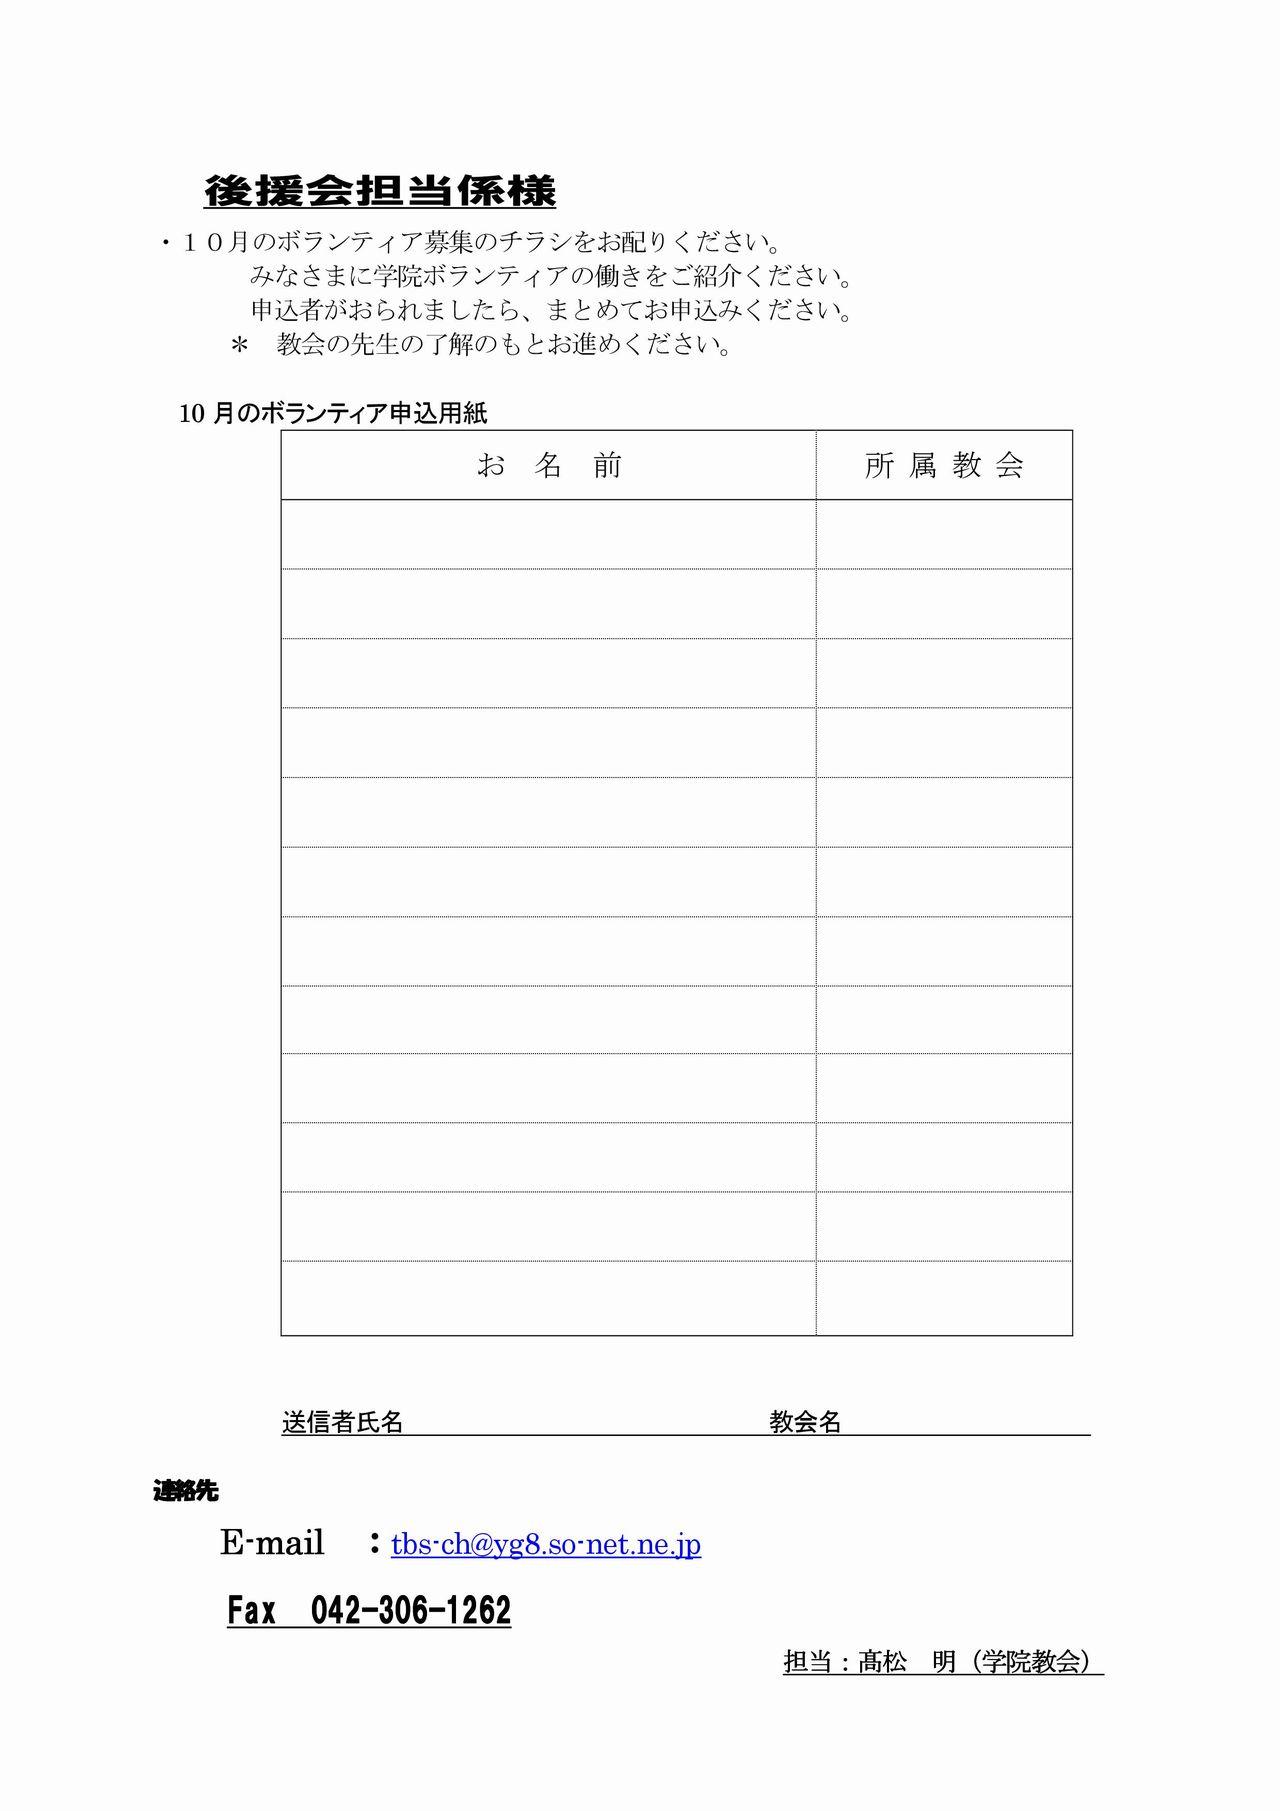 2017年度第6回東京聖書学院10月のボランティア募集チラシ&申し込み